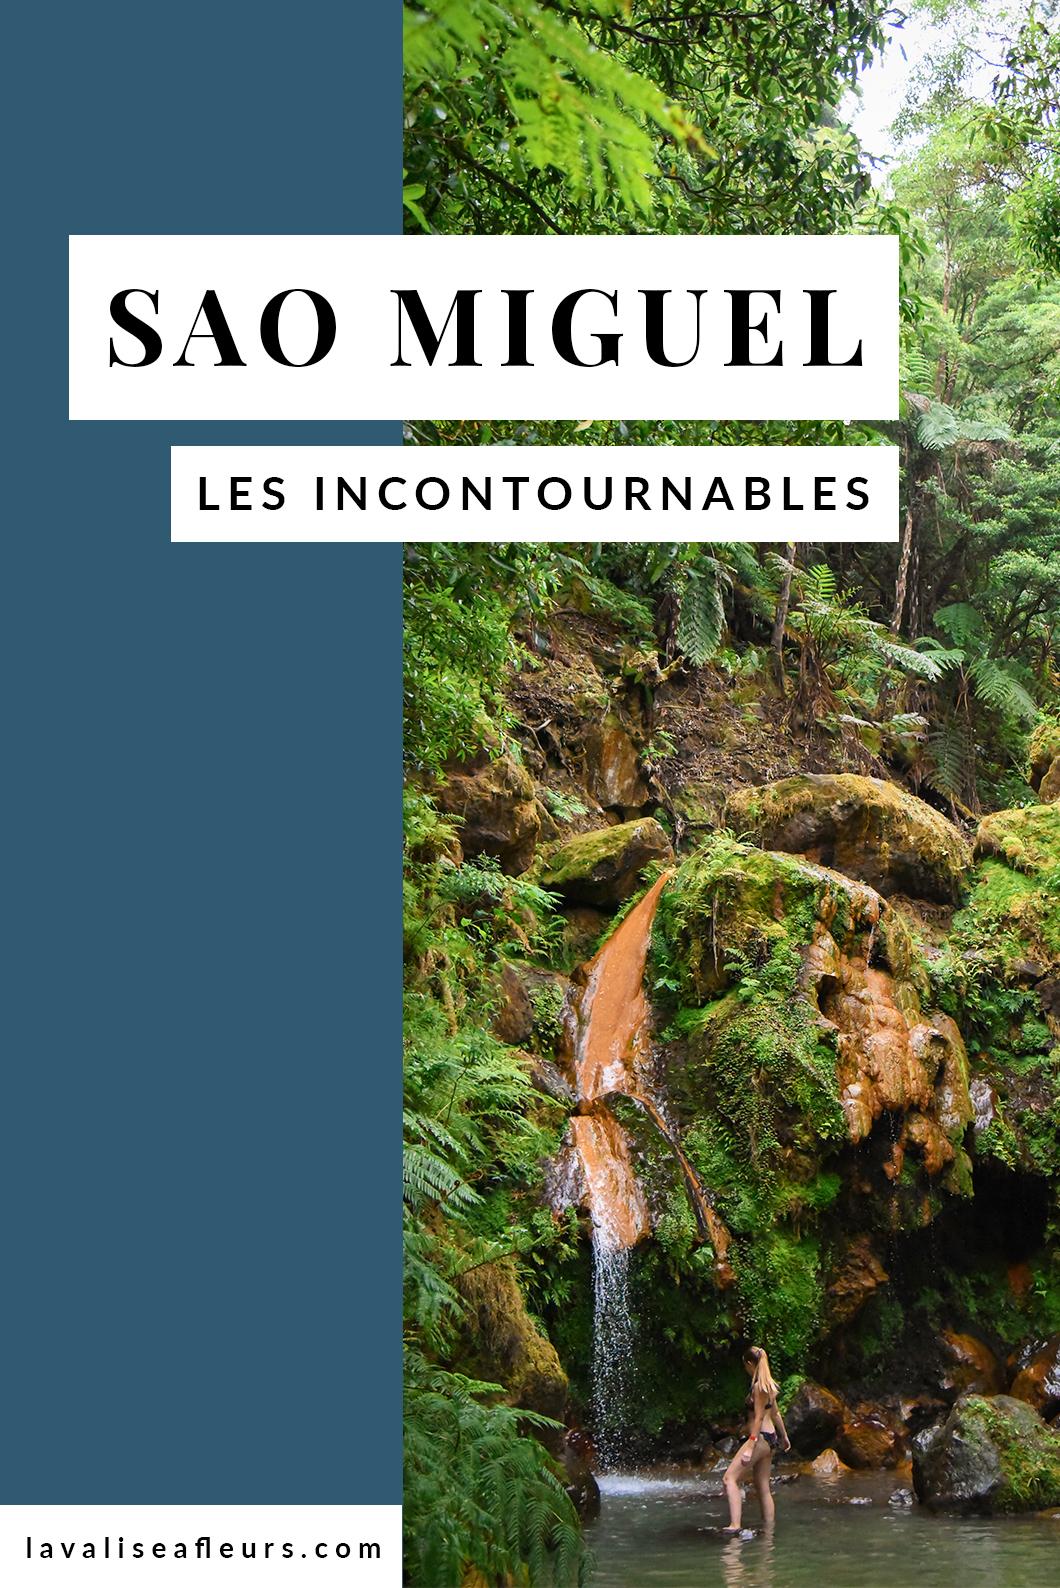 Incontournables à Sao Miguel